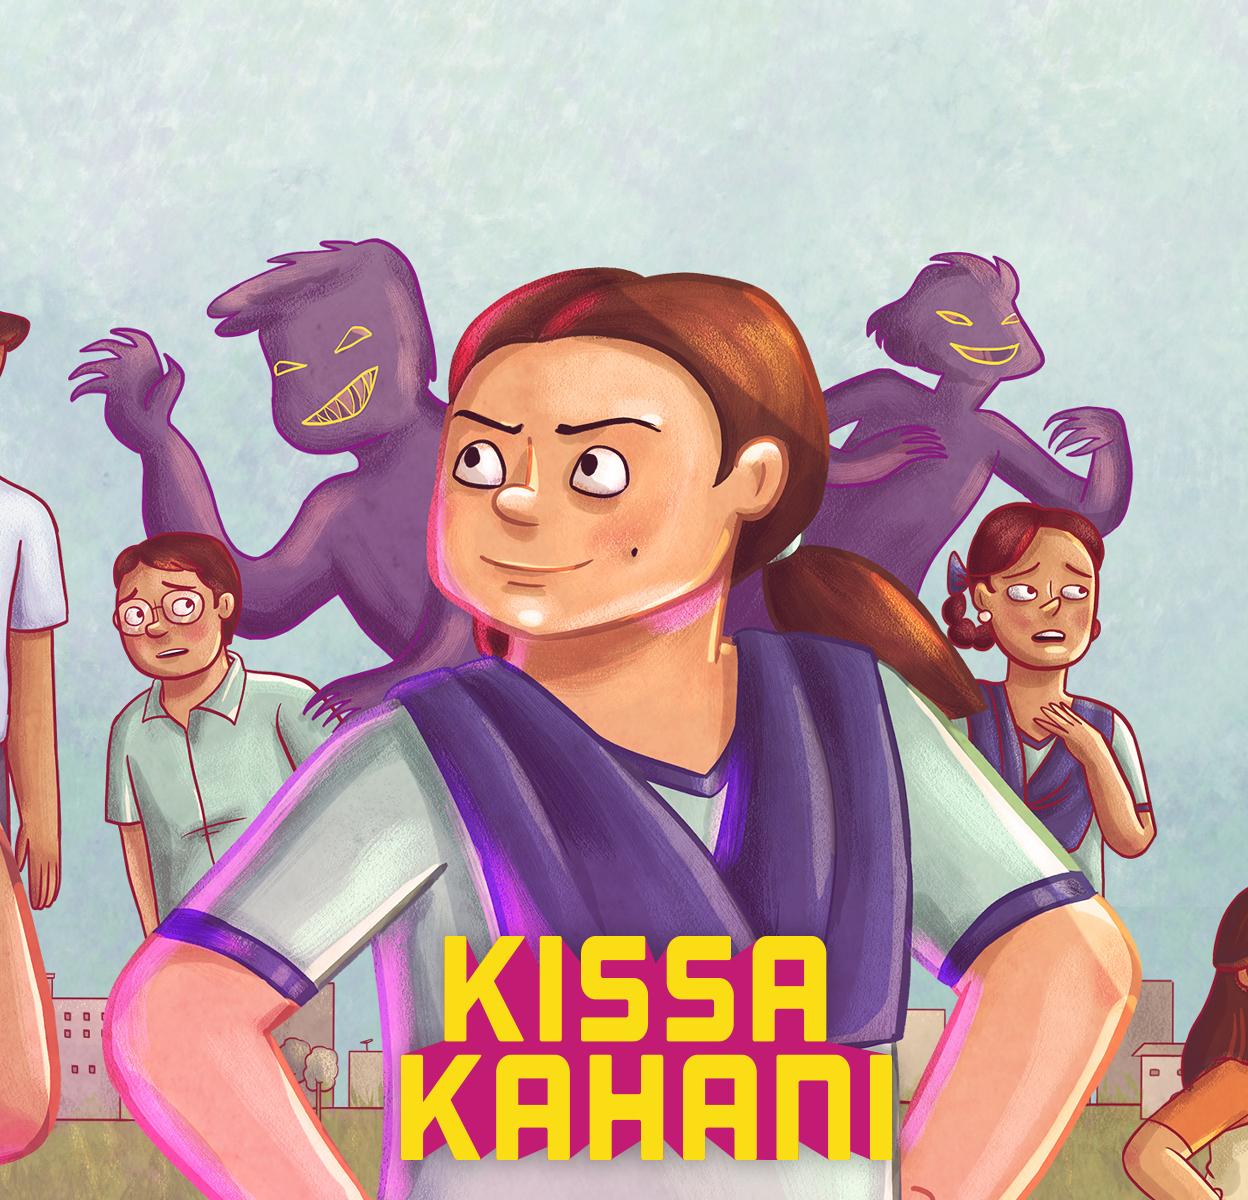 Kissa Kahani - Core77